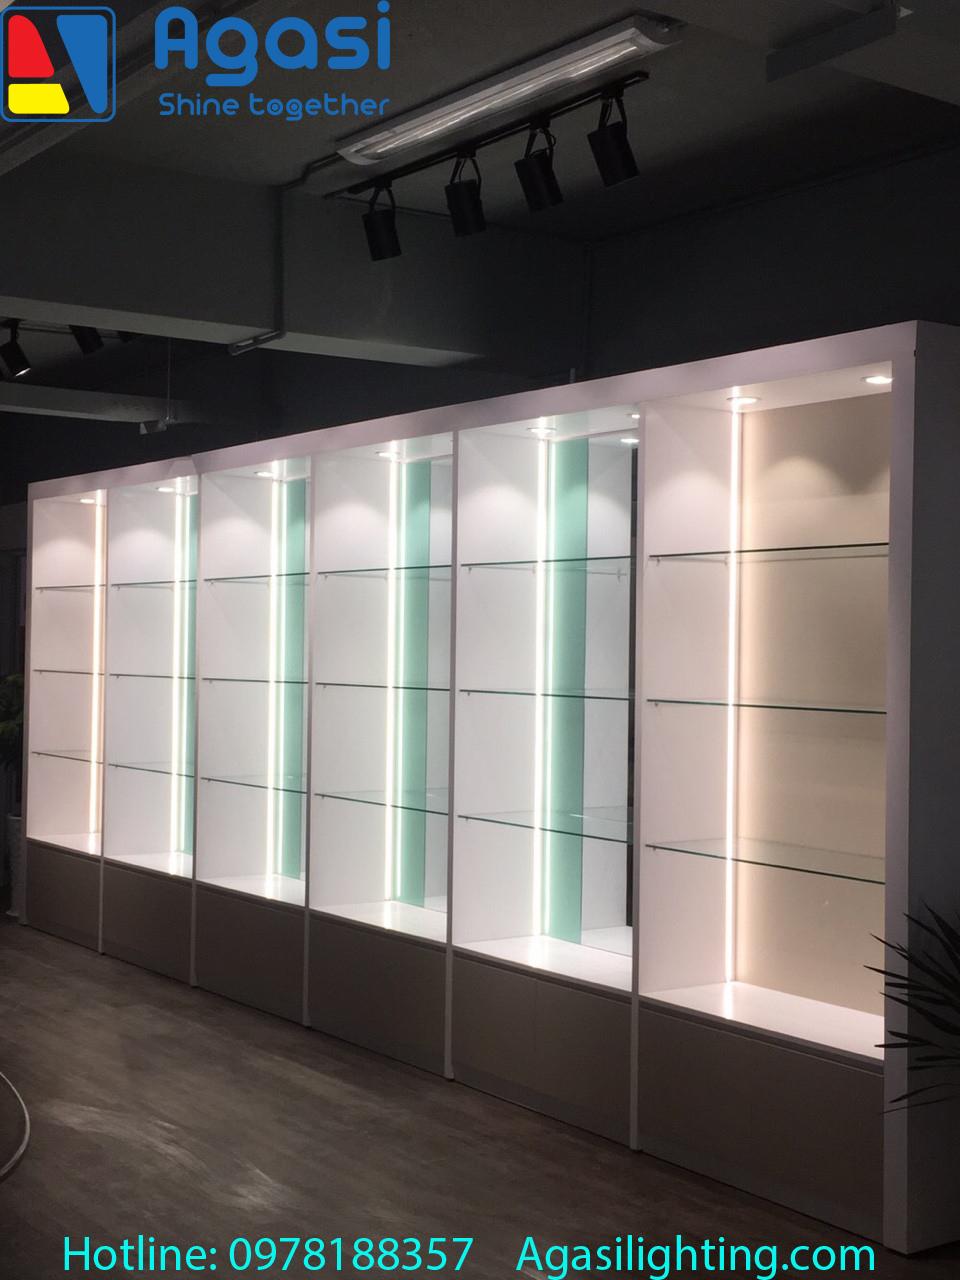 Hình ảnh thực tế đèn thanh nhôm profile được sử dụng để trang trí và chiếu sáng các hệ tủ.